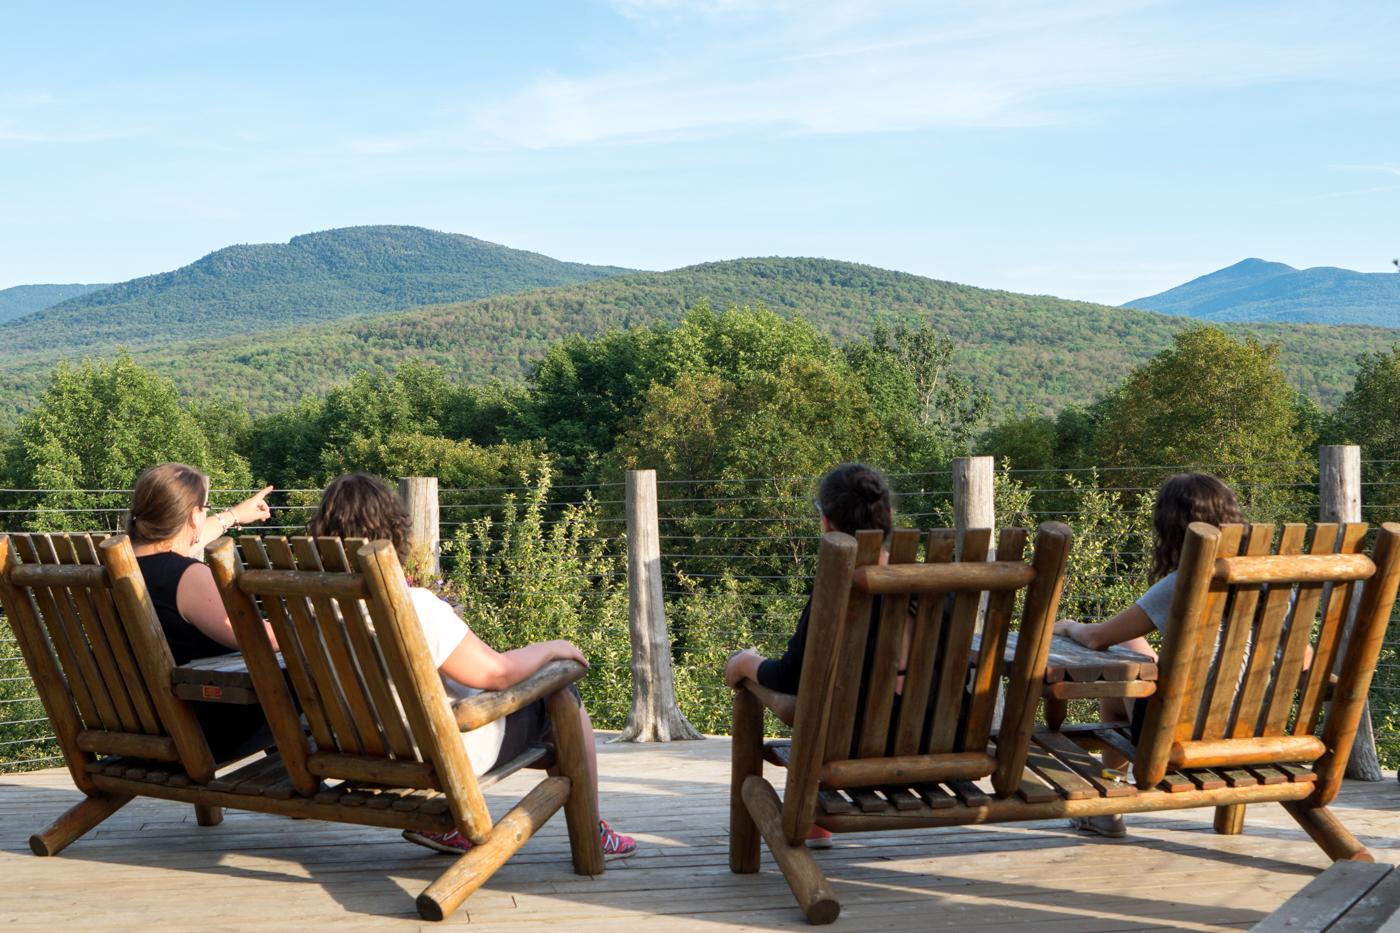 Petite pause dans les chaises Adirondack après le Vélo-Volant de Sutton